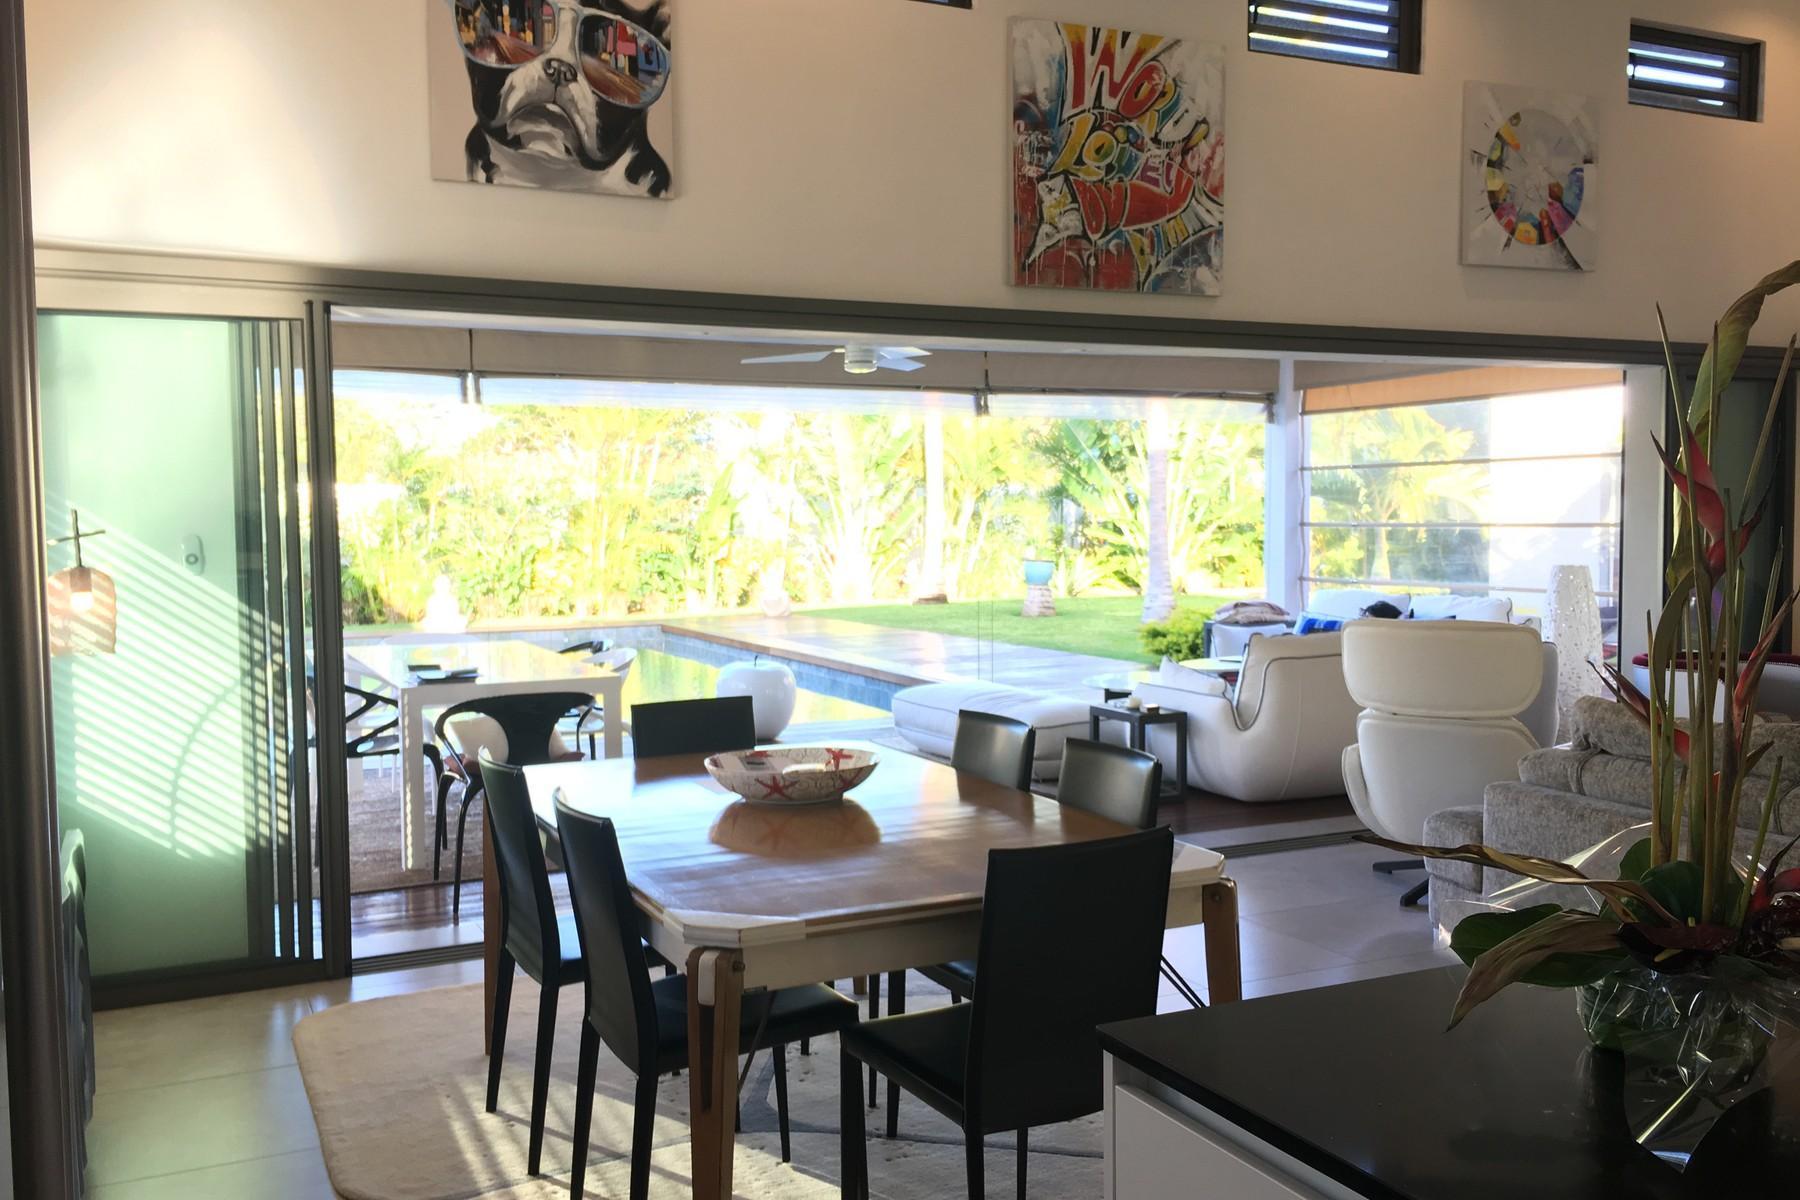 Designer Villa In a Tropical Surround